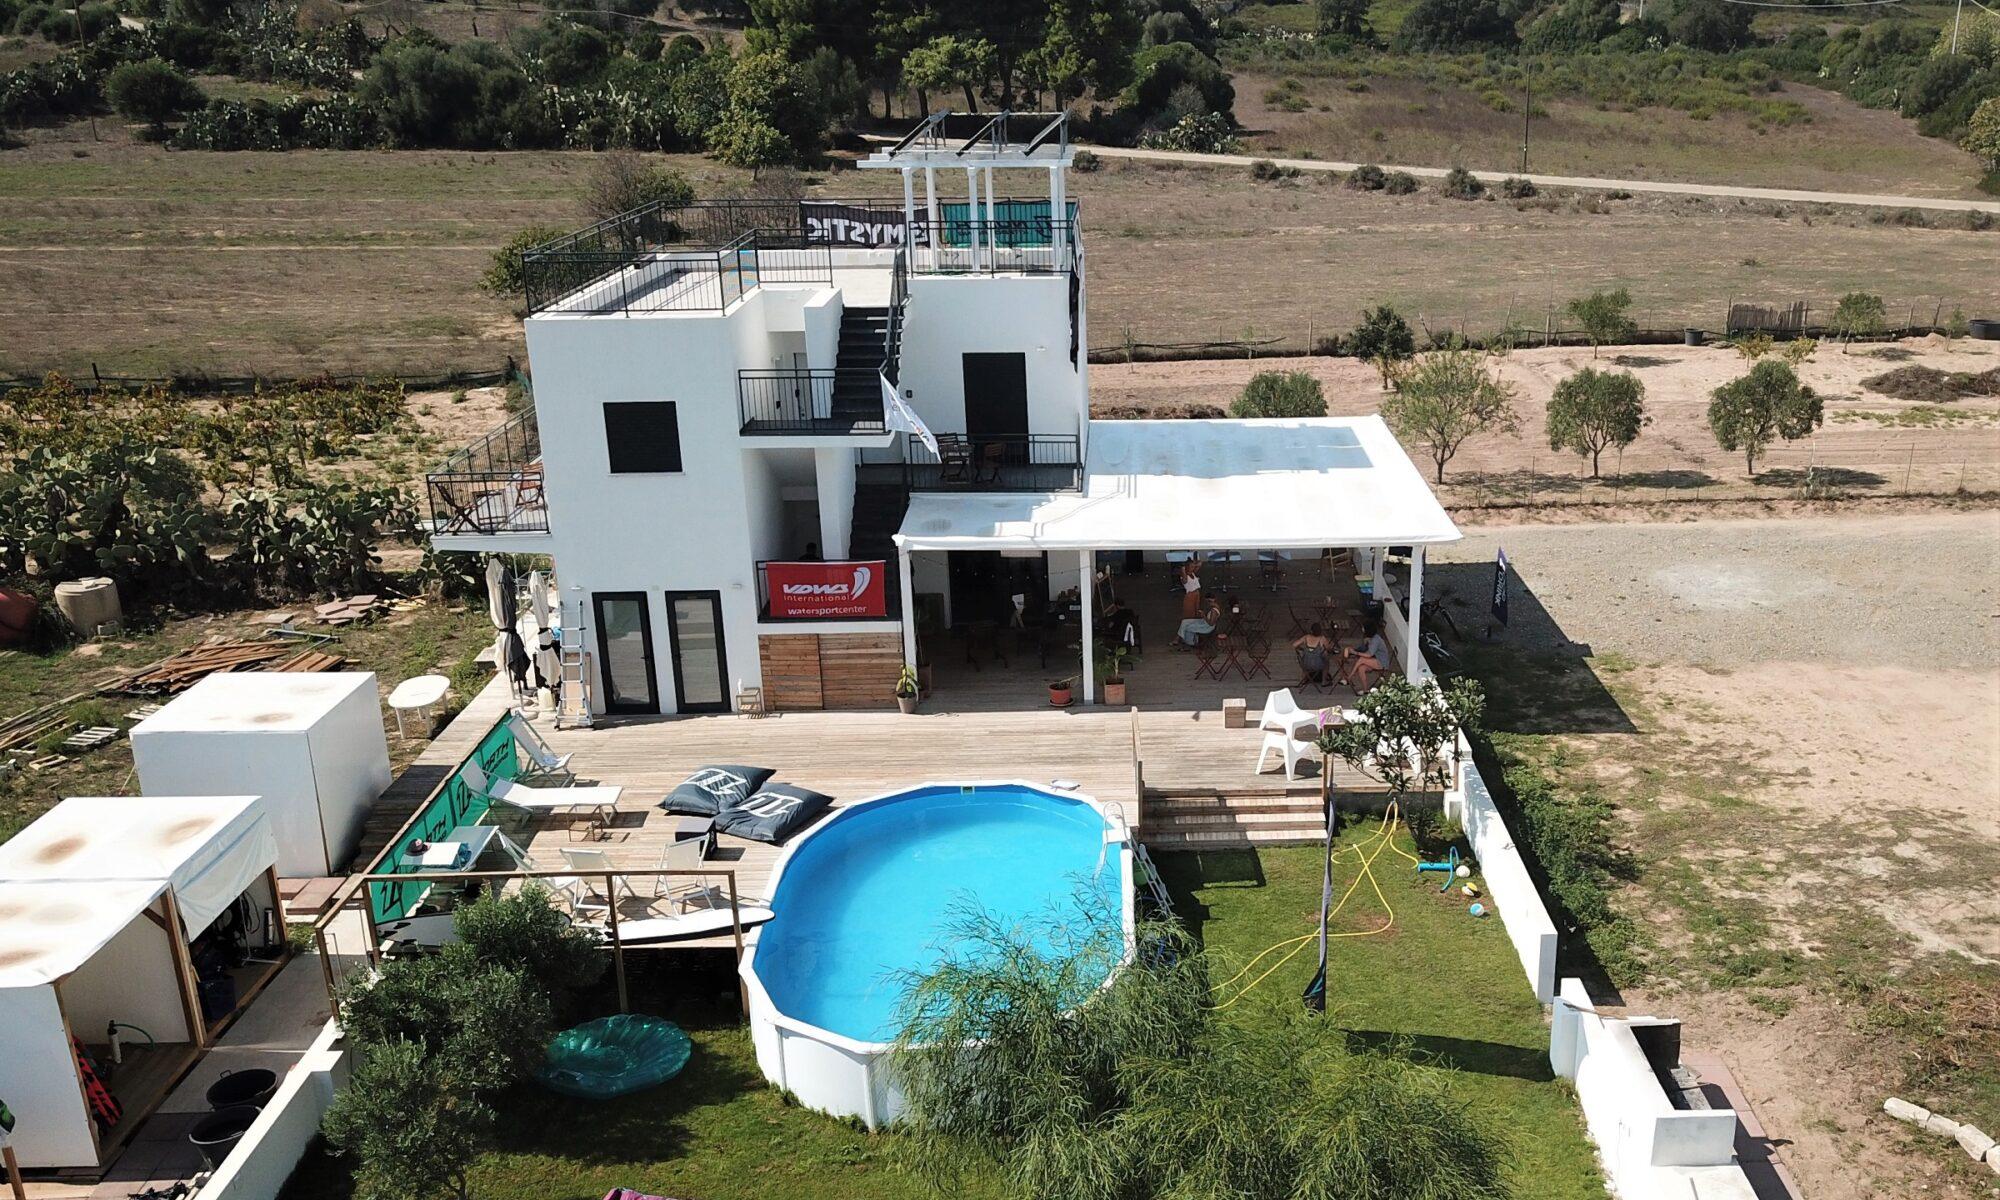 il Punta TrettuKite Center e Kitesurf House a Punta Trettu in Sardegna